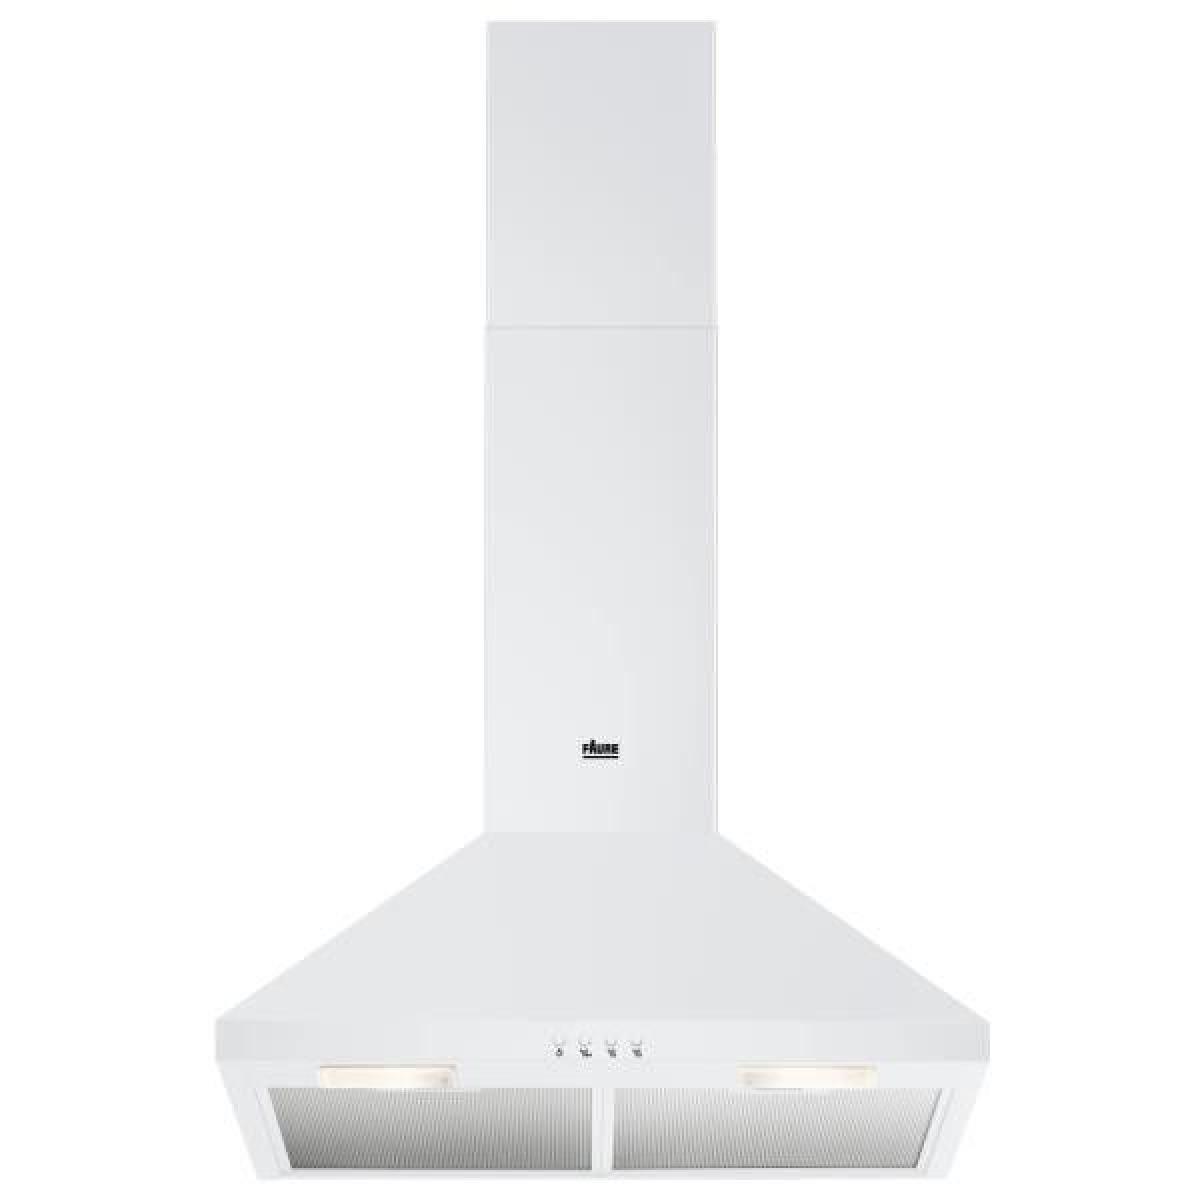 Faure Hotte décorative 420m³/h FAURE 60cm D, FHC62462WA